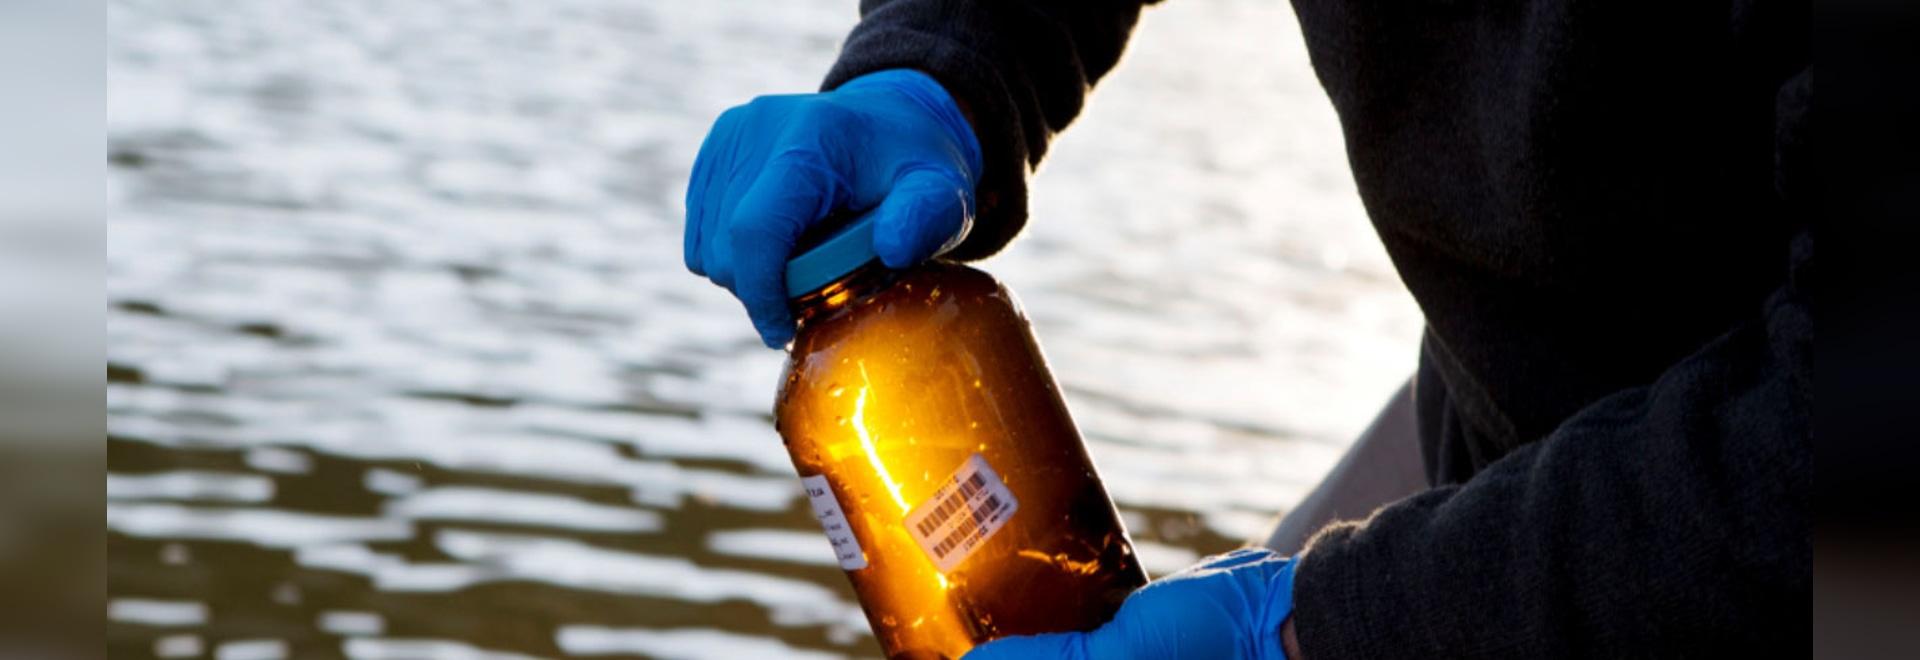 Las botellas simplifican el seguimiento, transporte de muestras